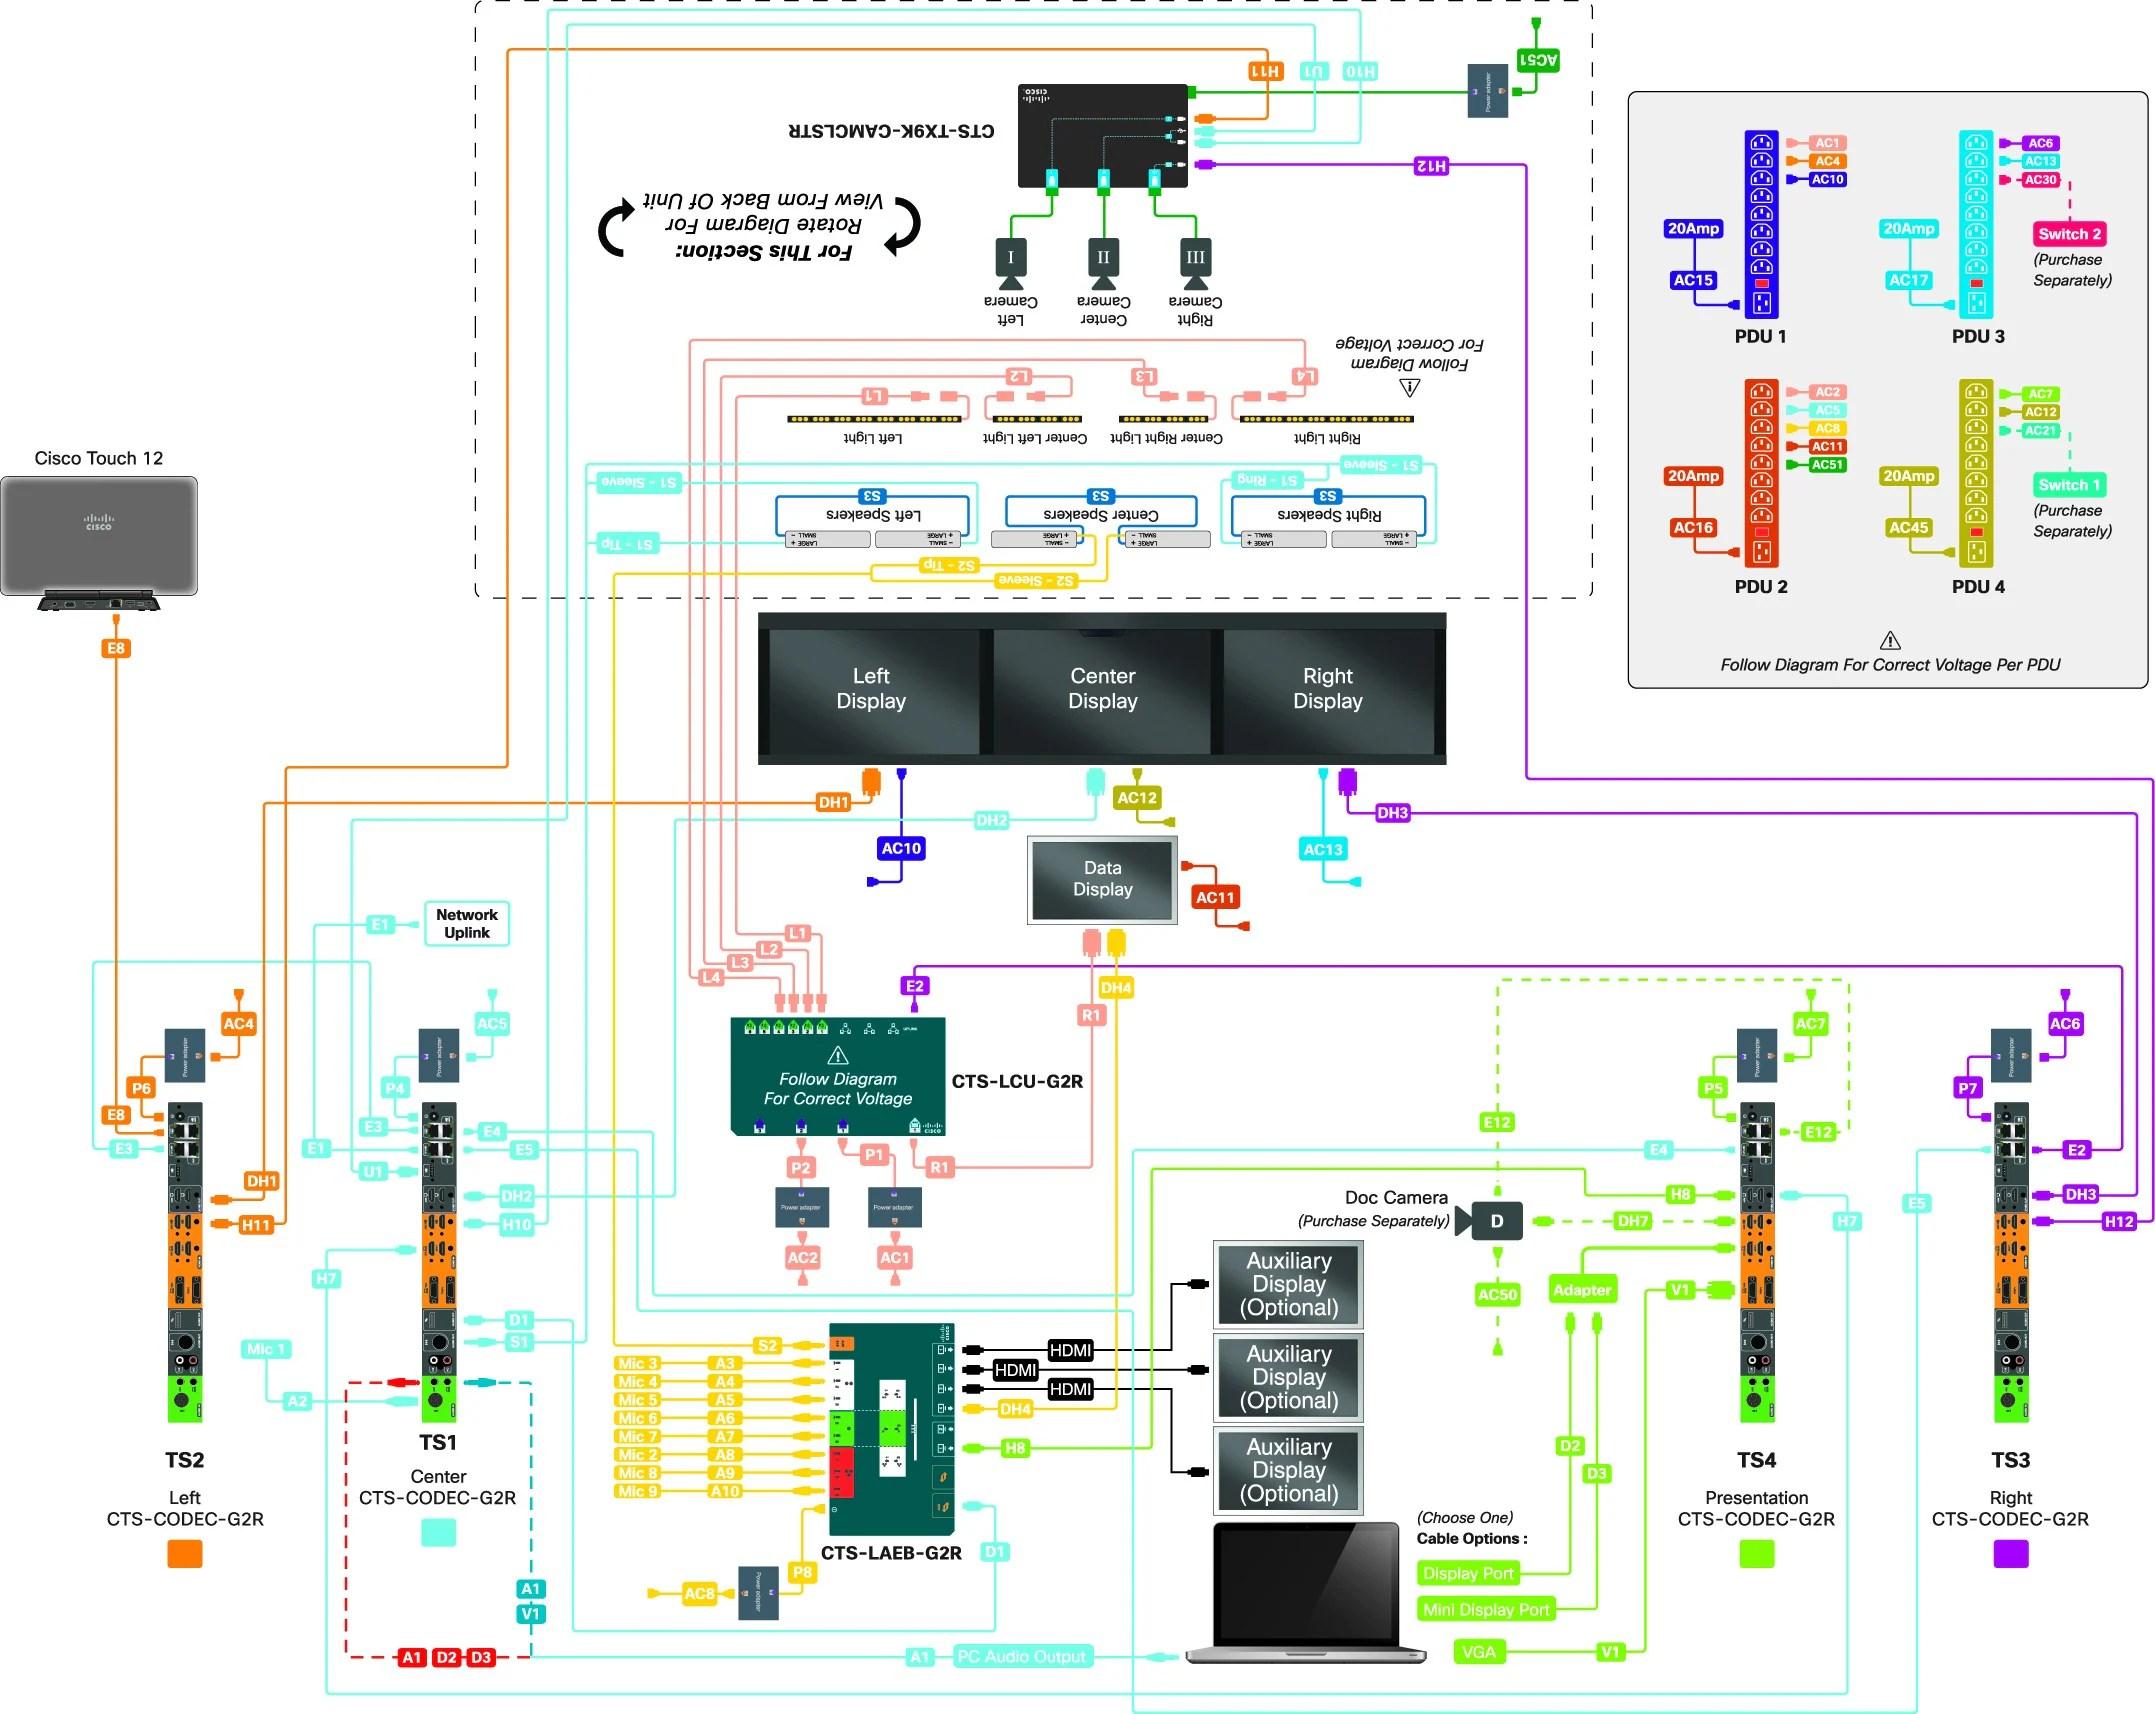 344505 hdmi wire color diagram efcaviation com hdmi wire color diagram at gsmx.co